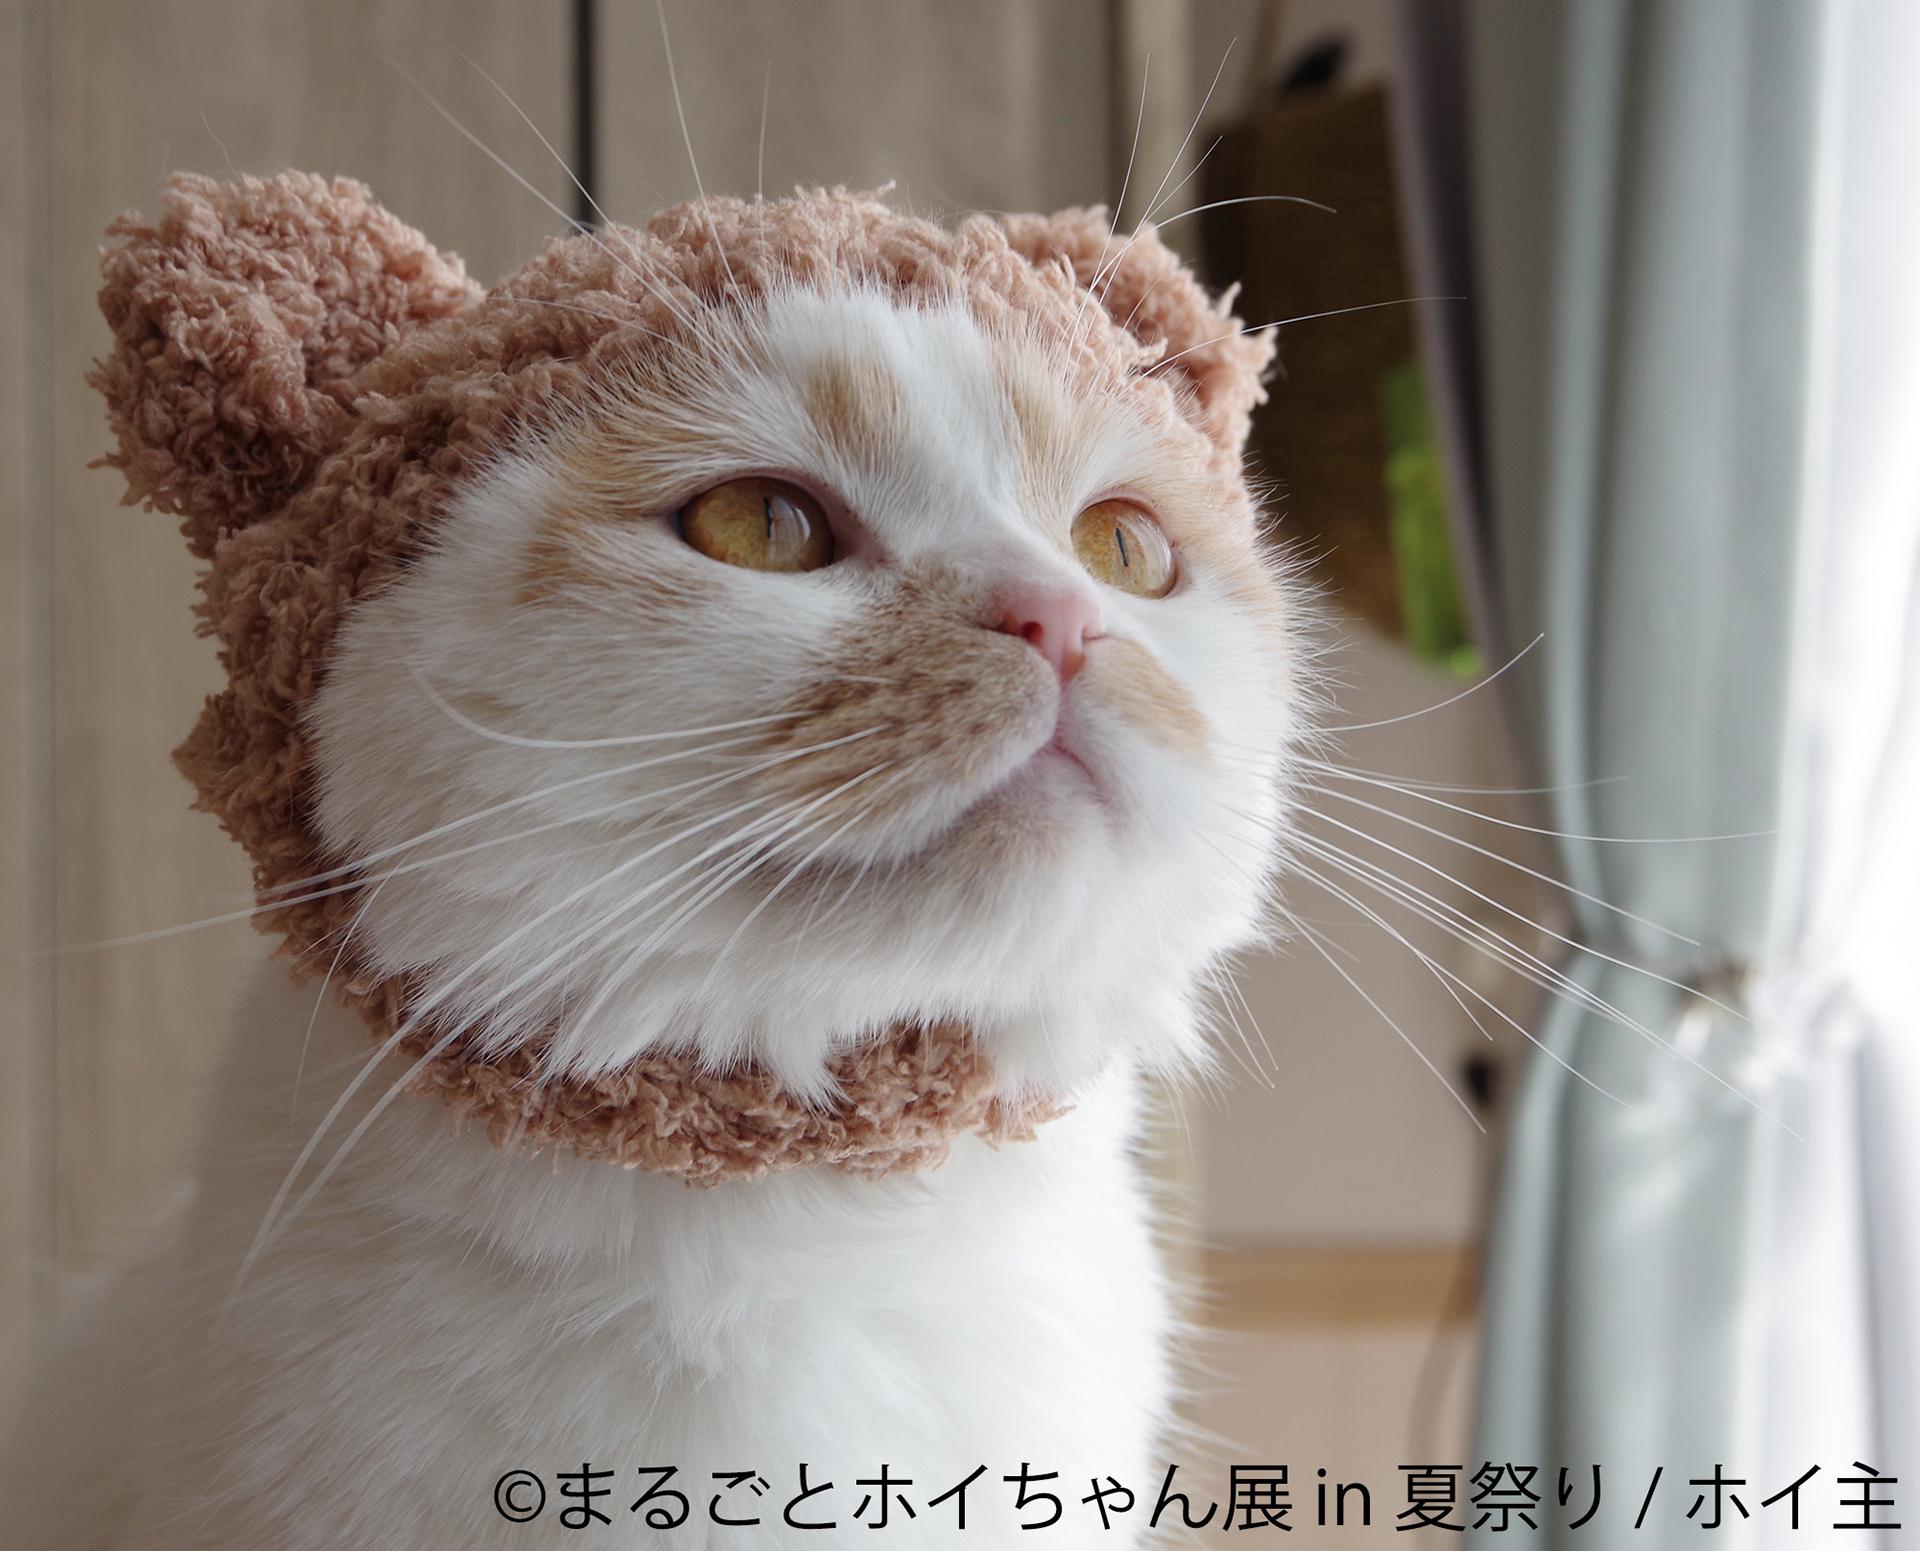 この写真はまるごとホイちゃん展 in 夏祭りの展示例。ホイちゃんがかわいいほおかむりしています